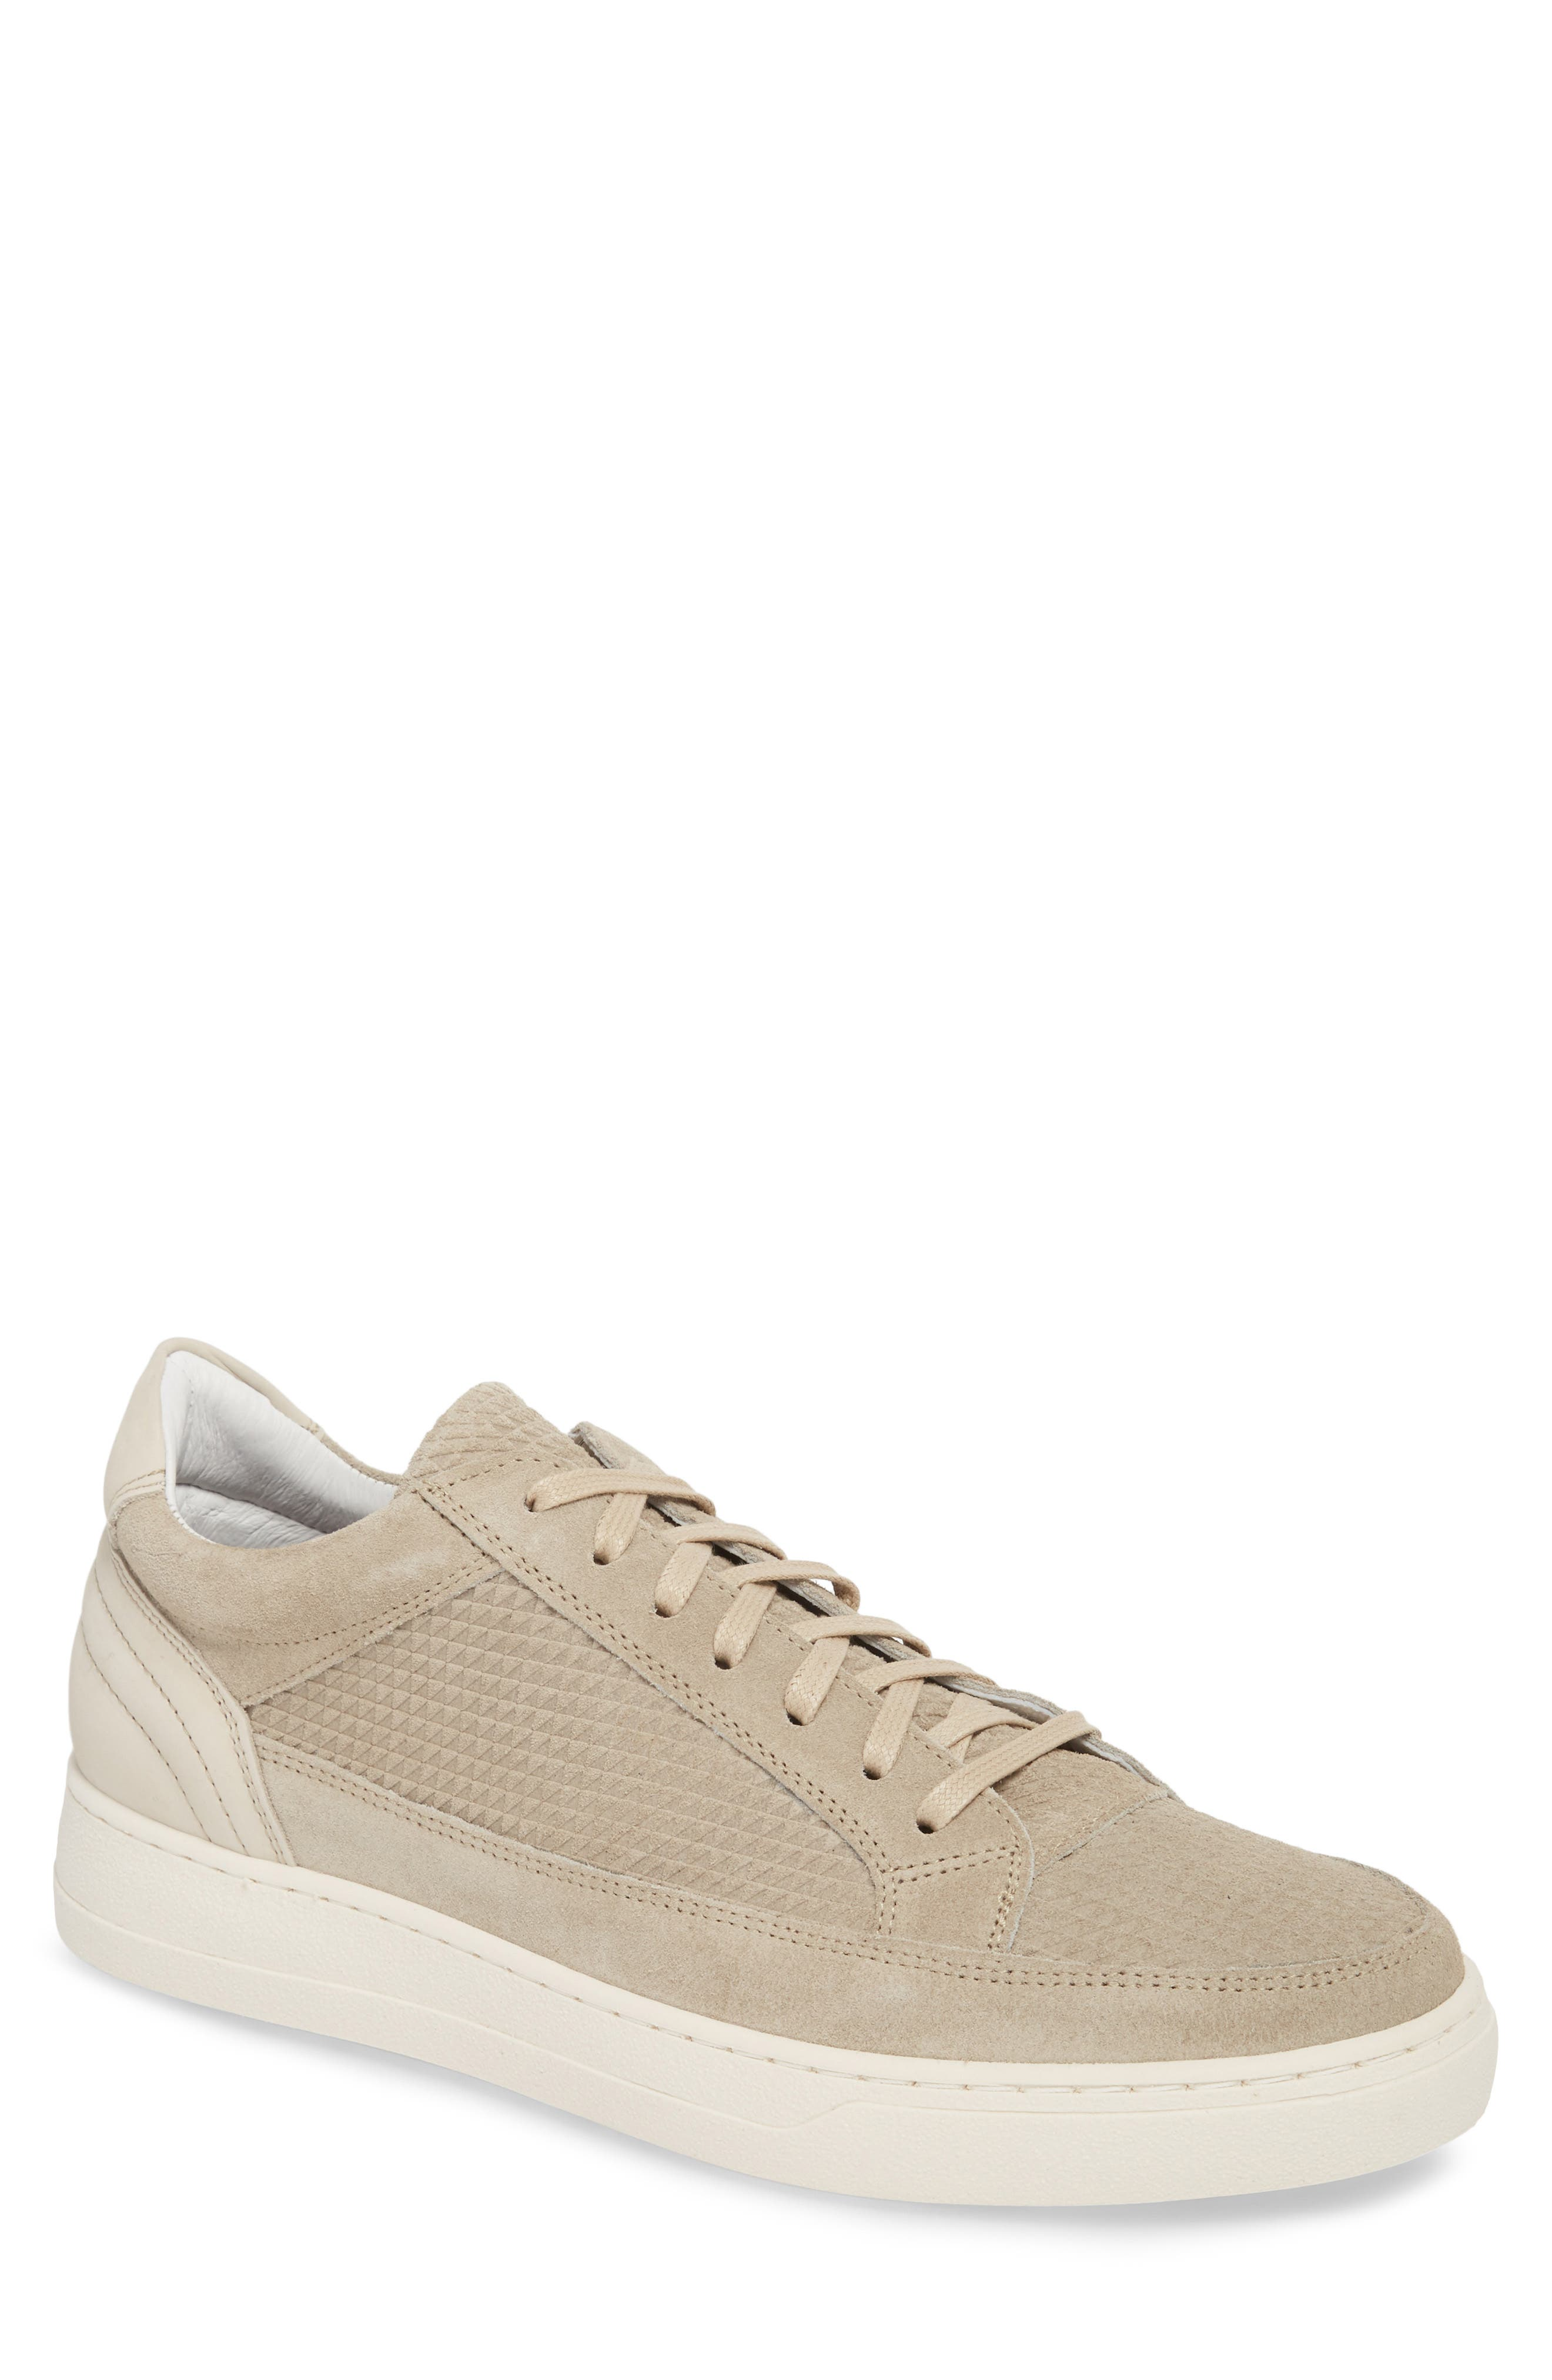 Reid Embossed Water Resistant Sneaker,                         Main,                         color, Sand